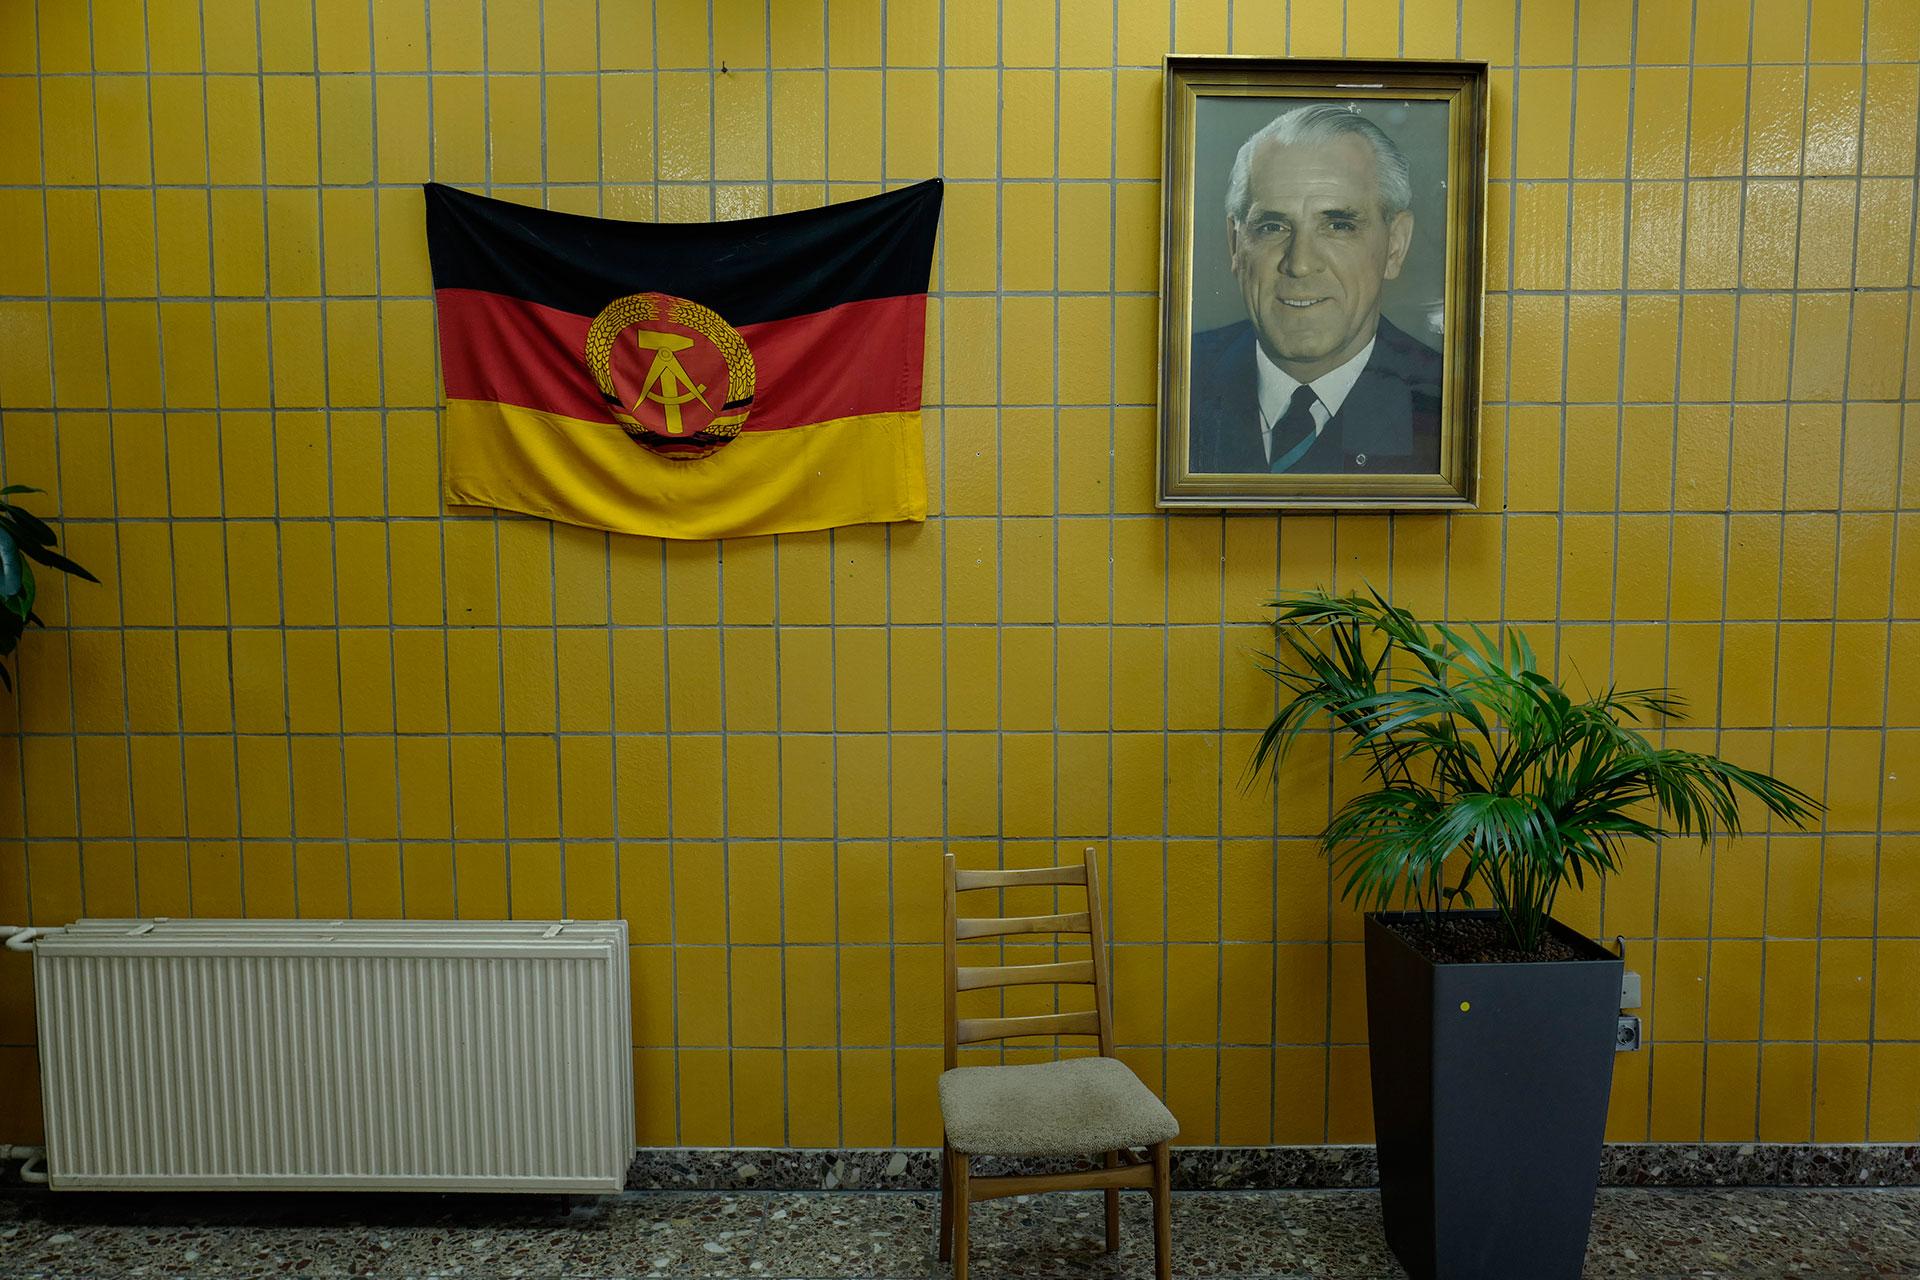 La bandera de Alemania Oriental y el retrato de uno de sus primeros ministros Willi Stoph (AFP)